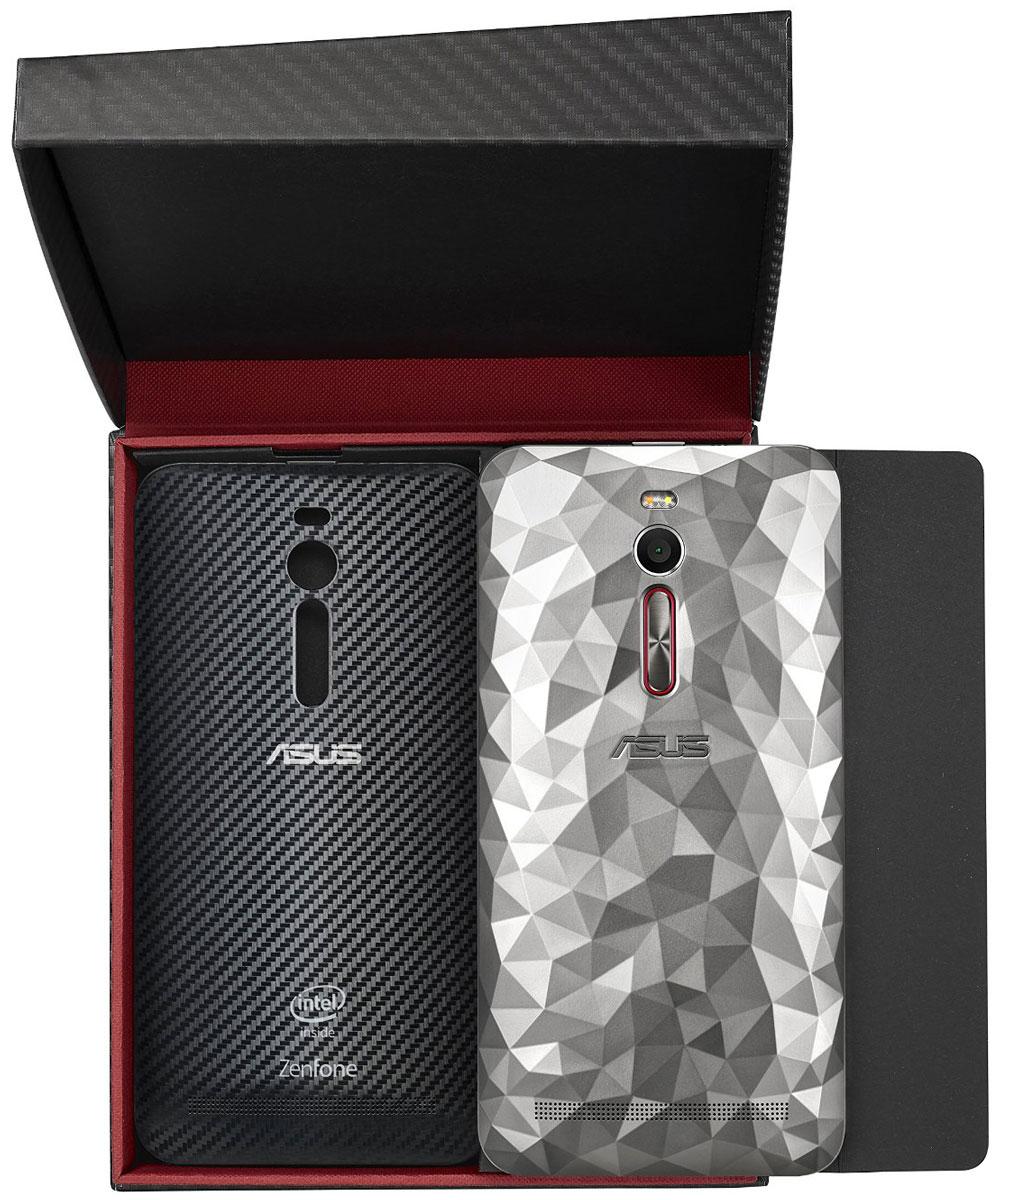 Asus Zenfone 2 Deluxe ZE551ML 256GB, Black (90AZ00AC-M07780)